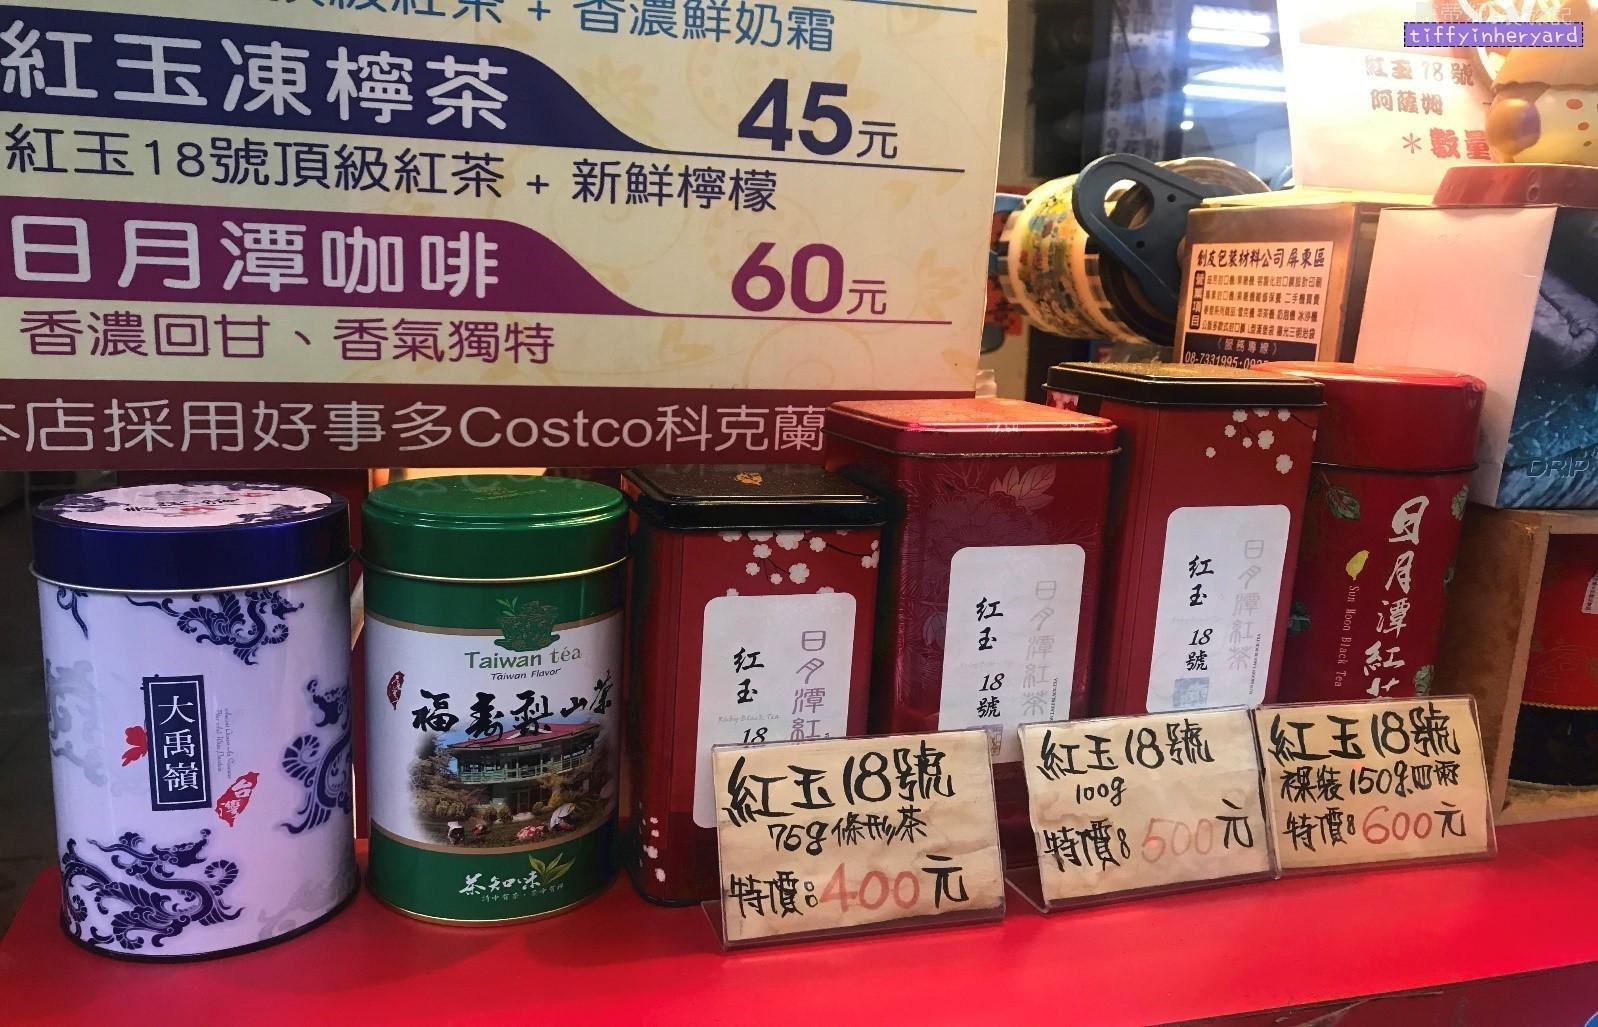 日月潭 喝紅茶 - 日月潭伴手禮日月潭紅茶香滿村茶行紅玉台茶18號